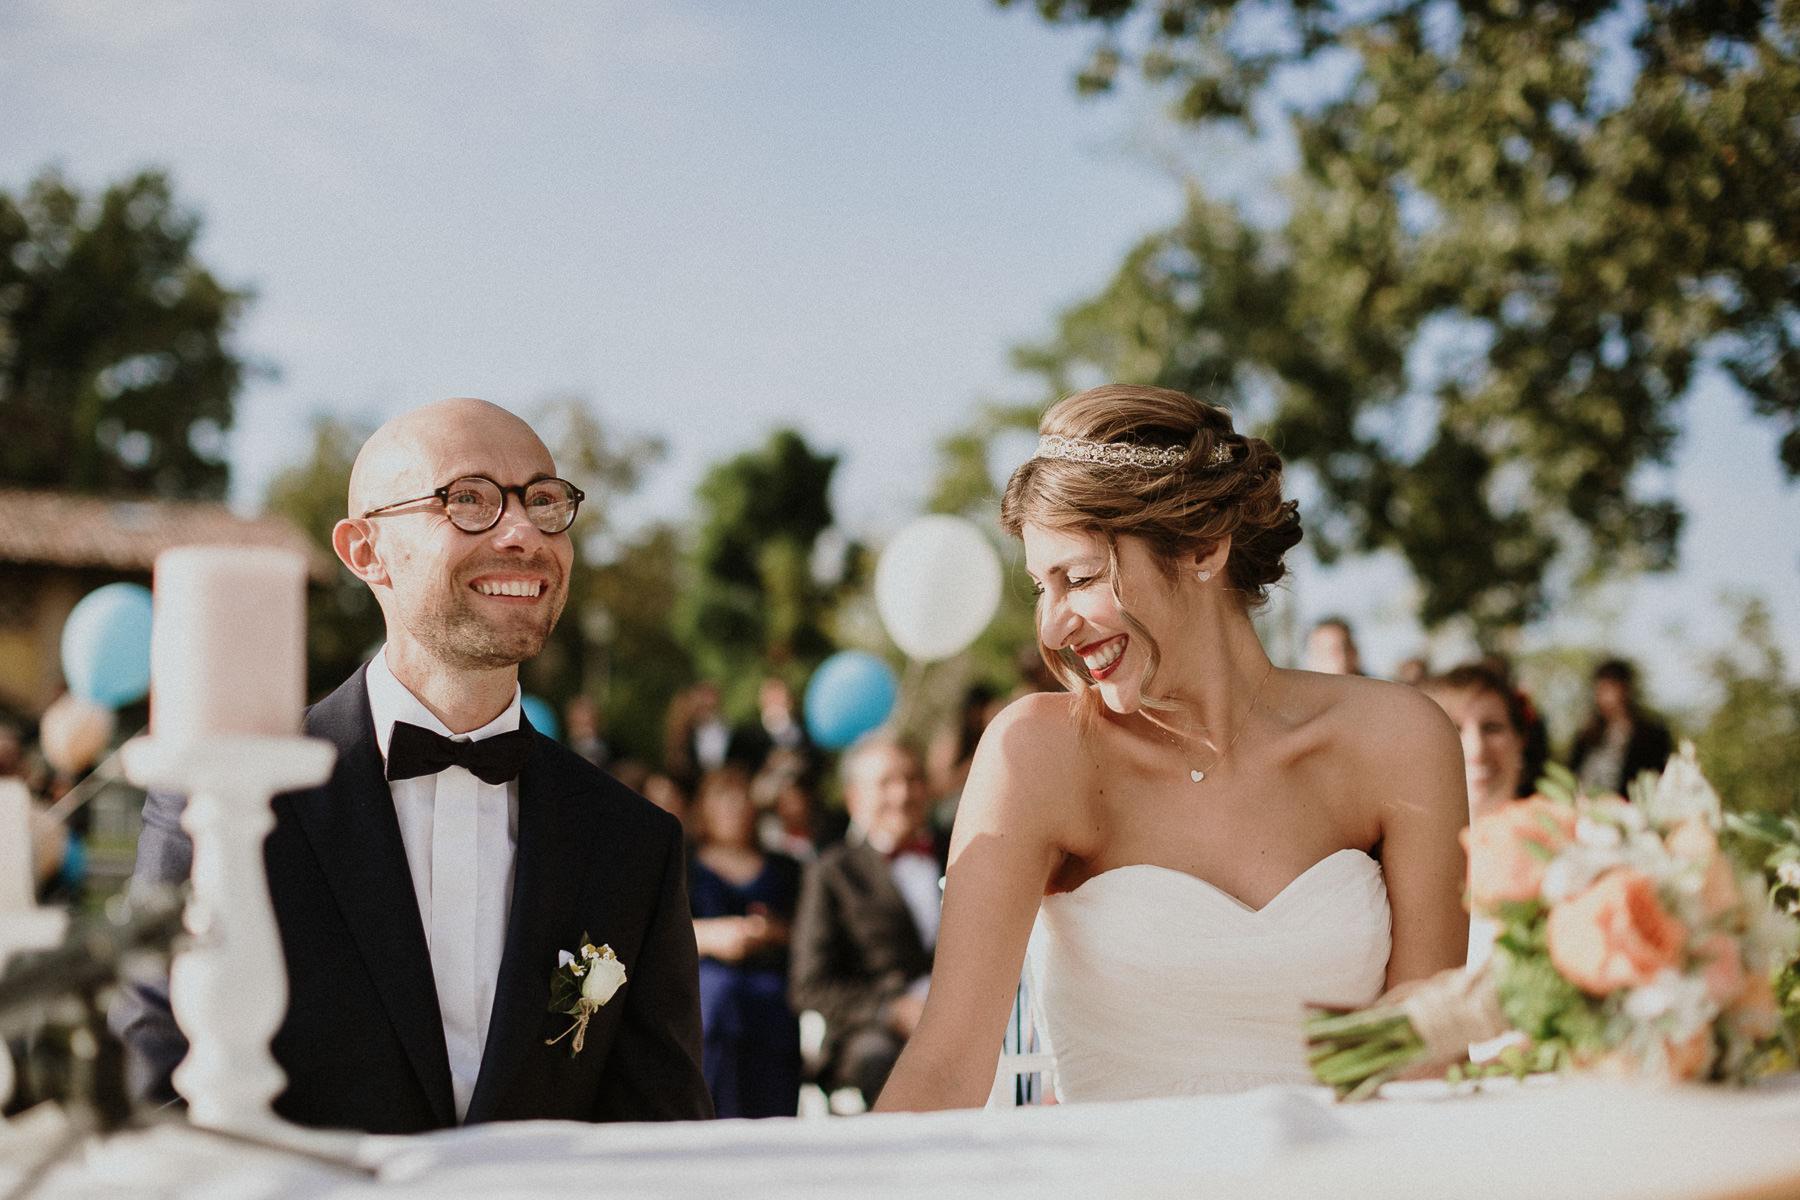 fotografo-matrimonio-monte-gesso-cerimonia-civile-rito-francesco-ferrarini